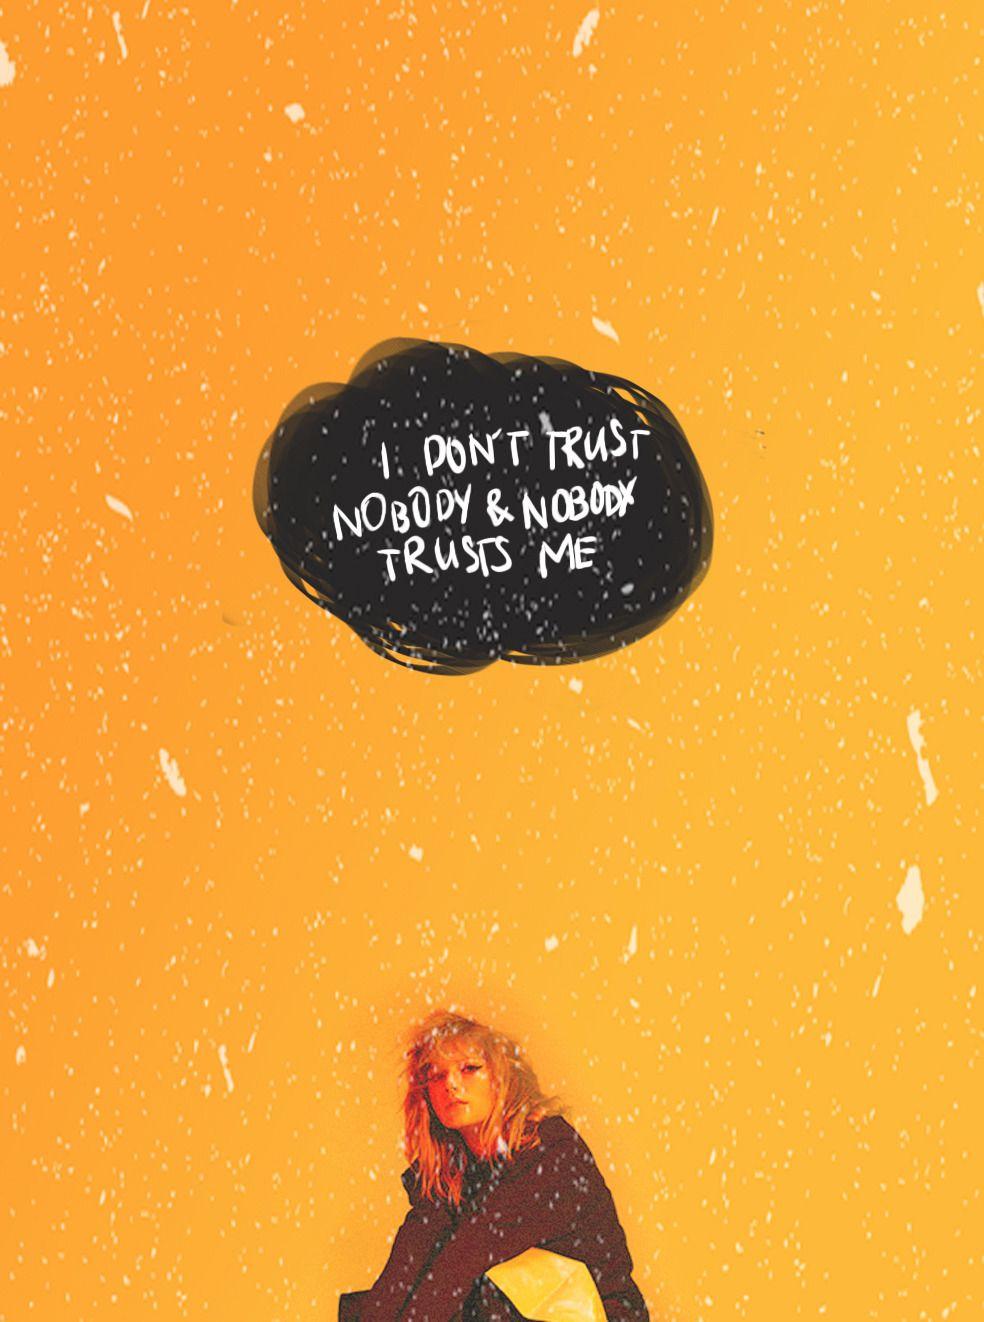 Pin On Lyrics Full lyrics of song trust nobody. pin on lyrics